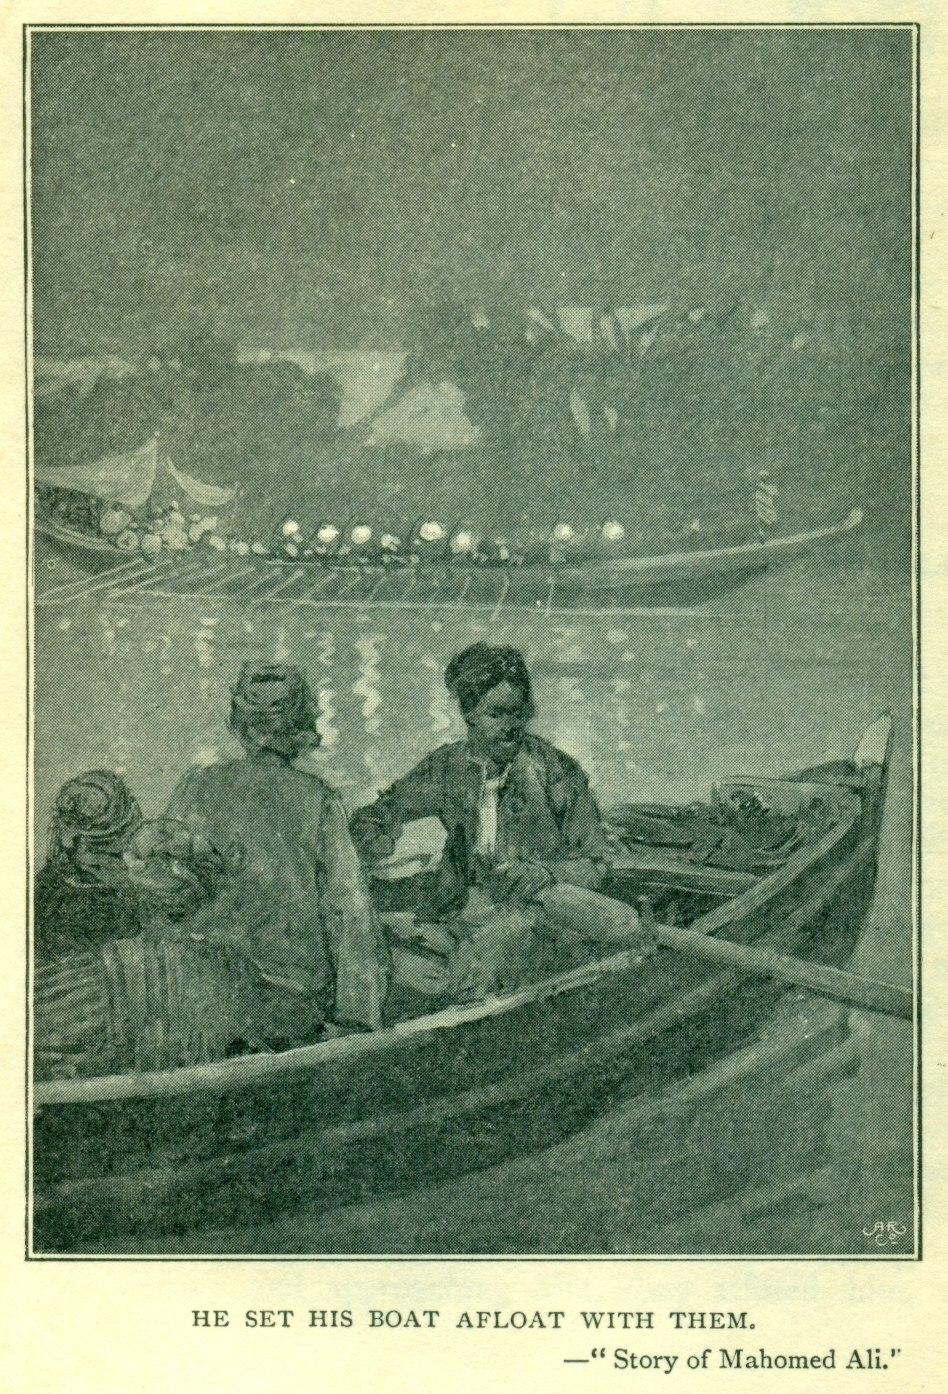 Brangwyn, Arabian Nights, Vol 3, 1896 (5)